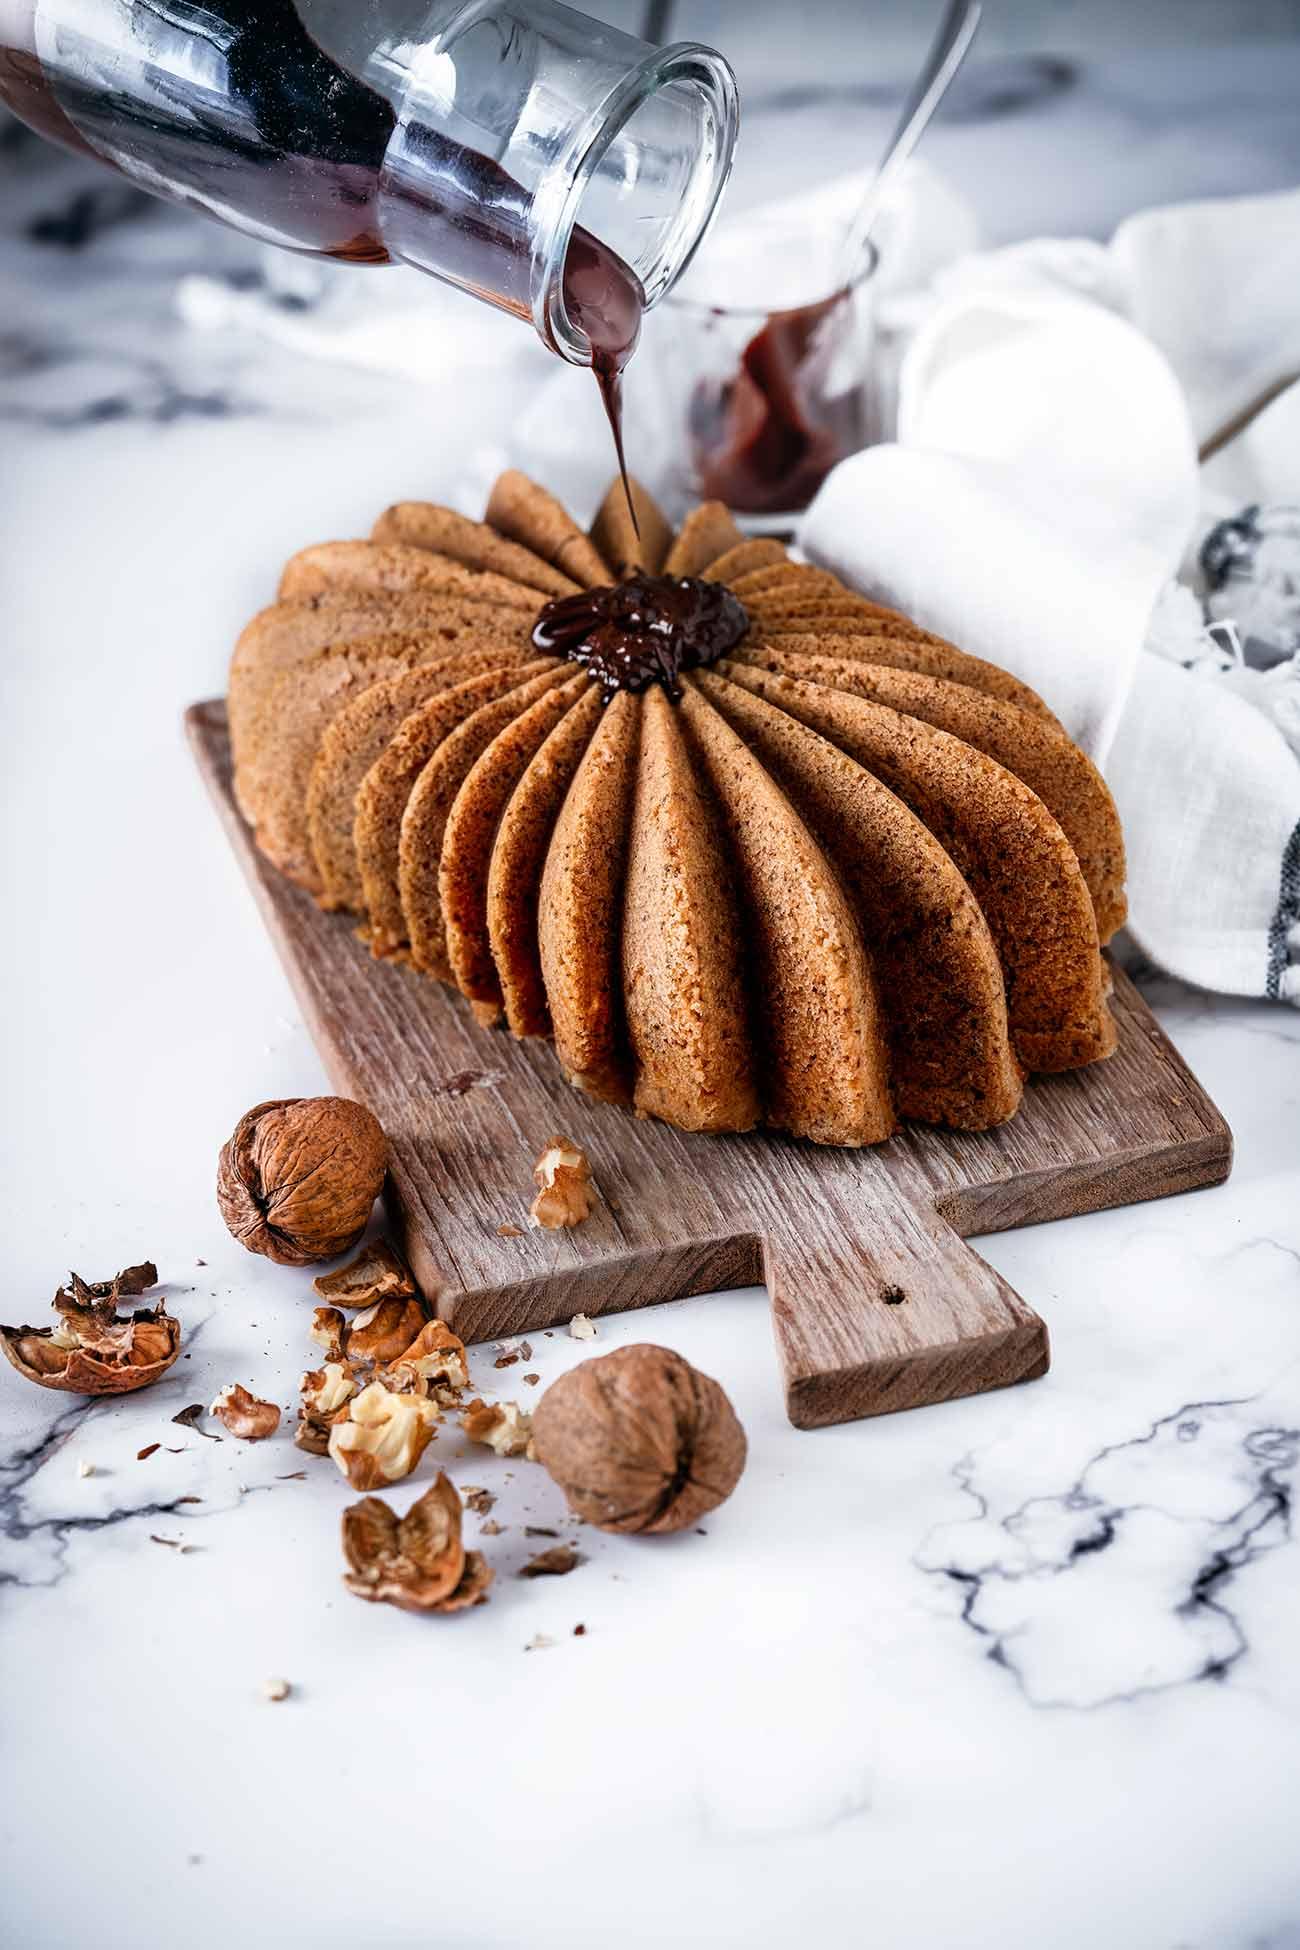 Habe ich schon erwähnt, dass ich Kuchen liebe? Ich finde es immer wieder aufs Neue spannend, dass man eigentlich nur ein paar Dinge verrührt, in den Backofen schiebt und dann später etwas herausholt, was in seiner Form und Konsistenz etwas vollkommen anderes ist. Ich habe dem Rezept meines besten und saftigsten Kastenkuchens noch ein paar Zutaten verpasst…